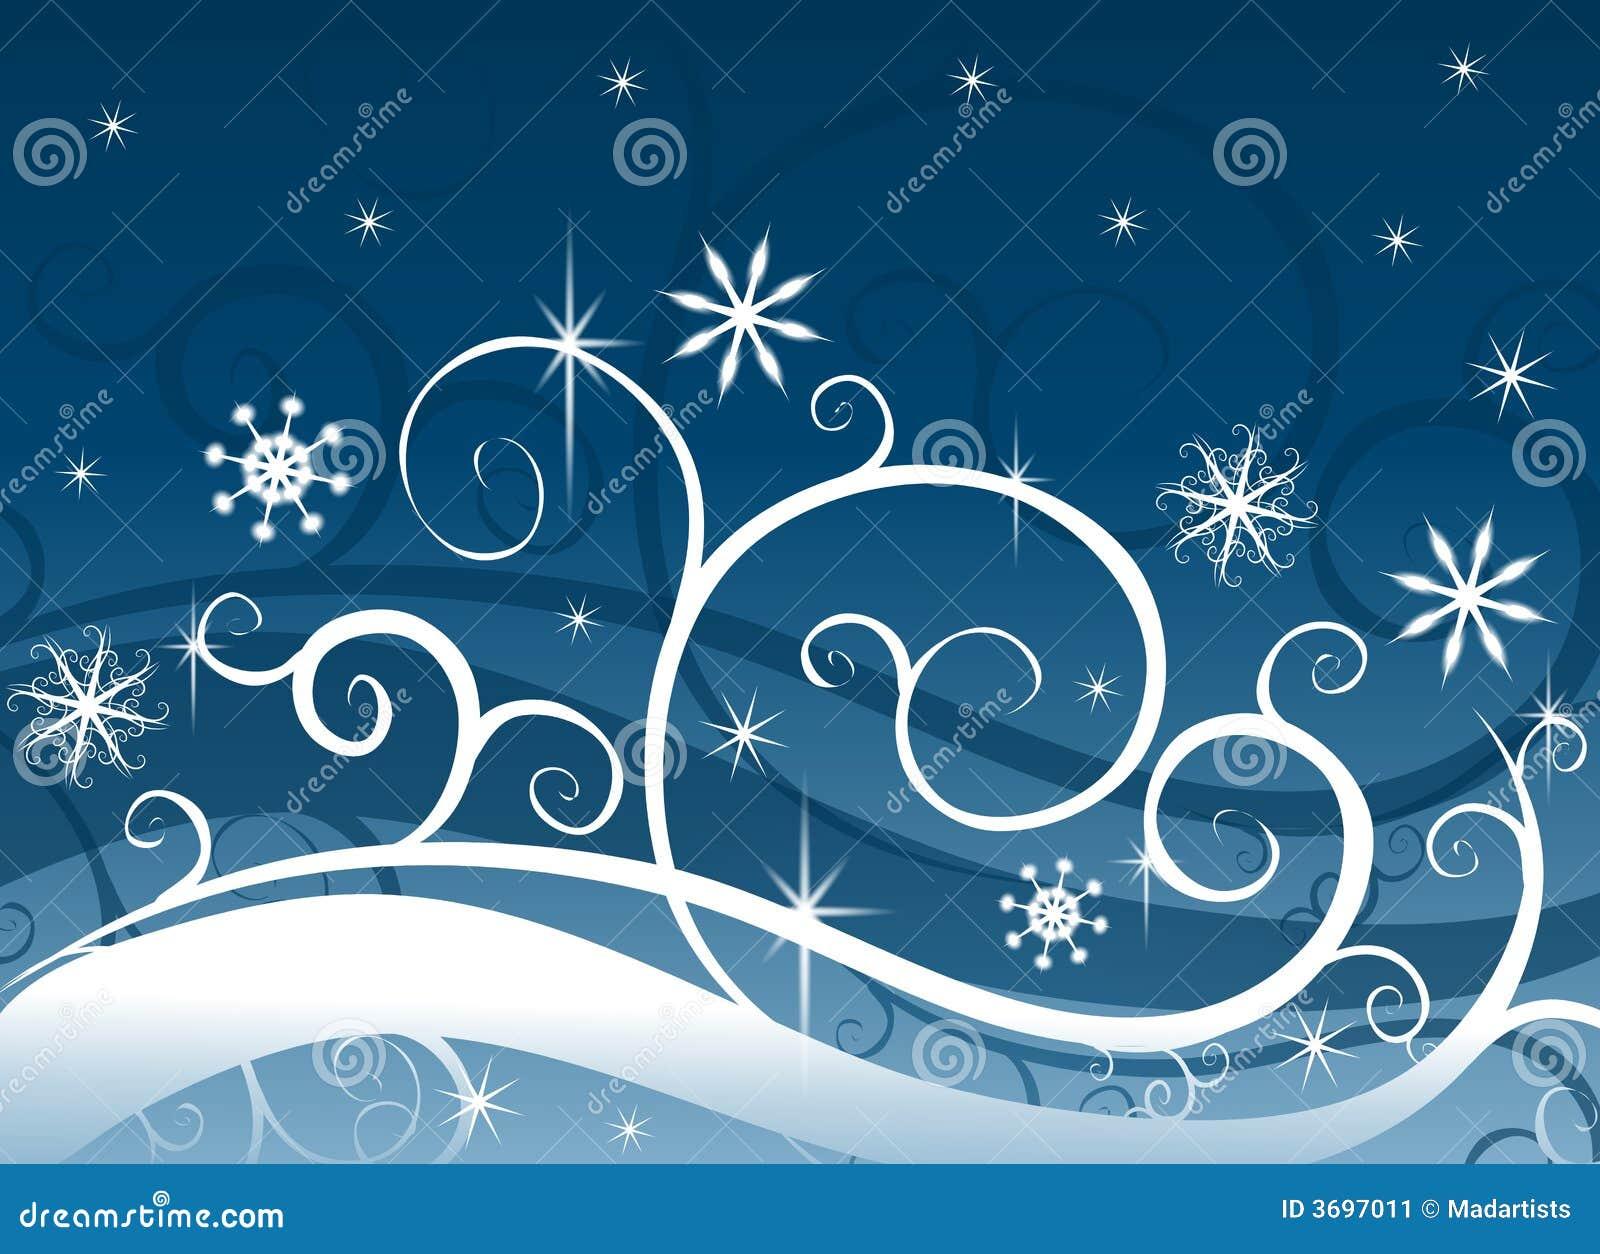 蓝色雪花冬天妙境